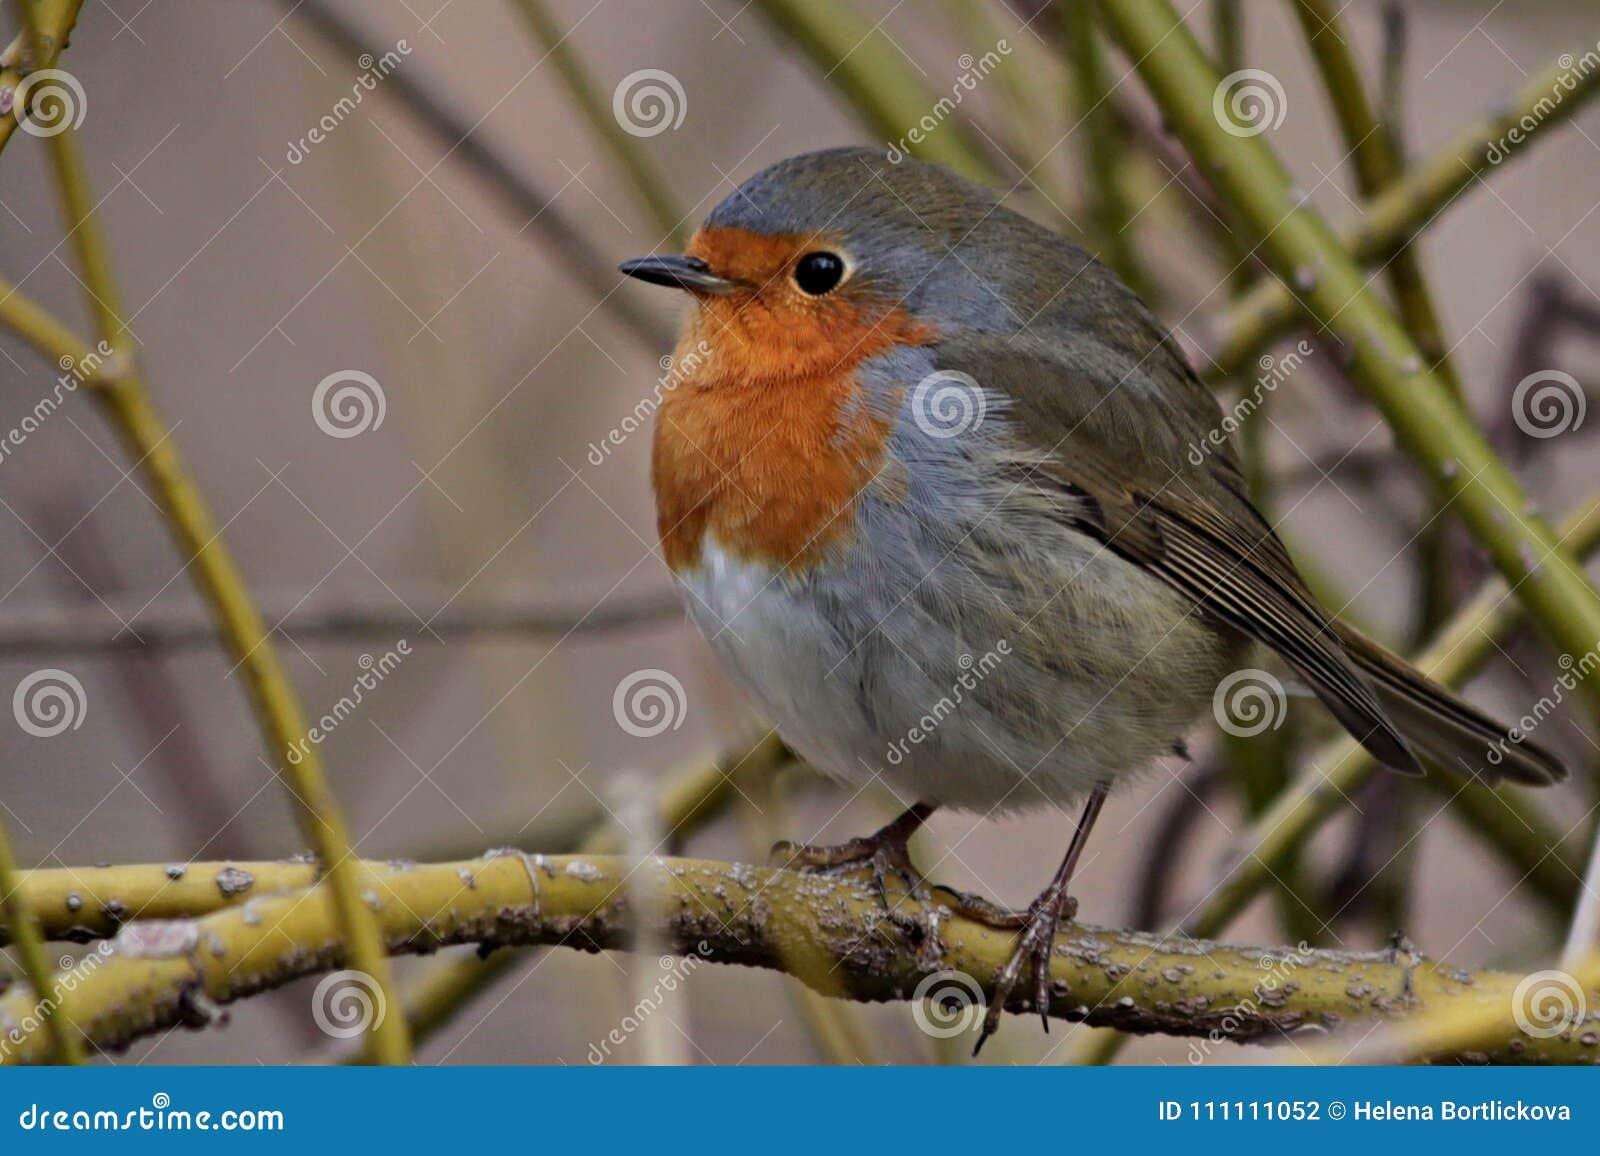 red robin bird stock images 4 163 photos